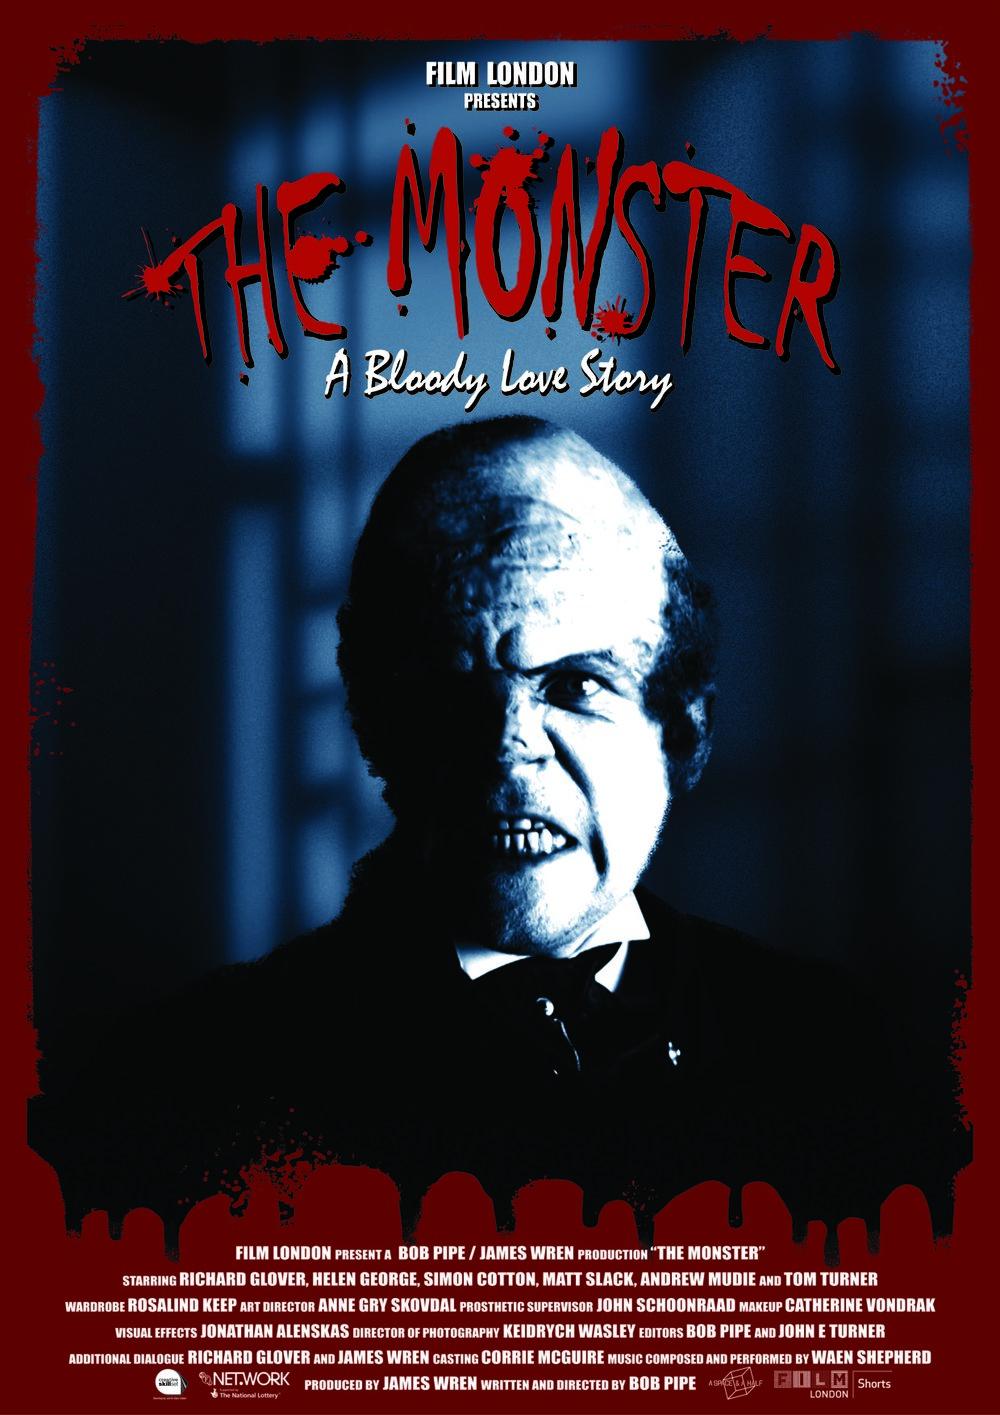 monster poster V2 duo tone - red back (1).jpg